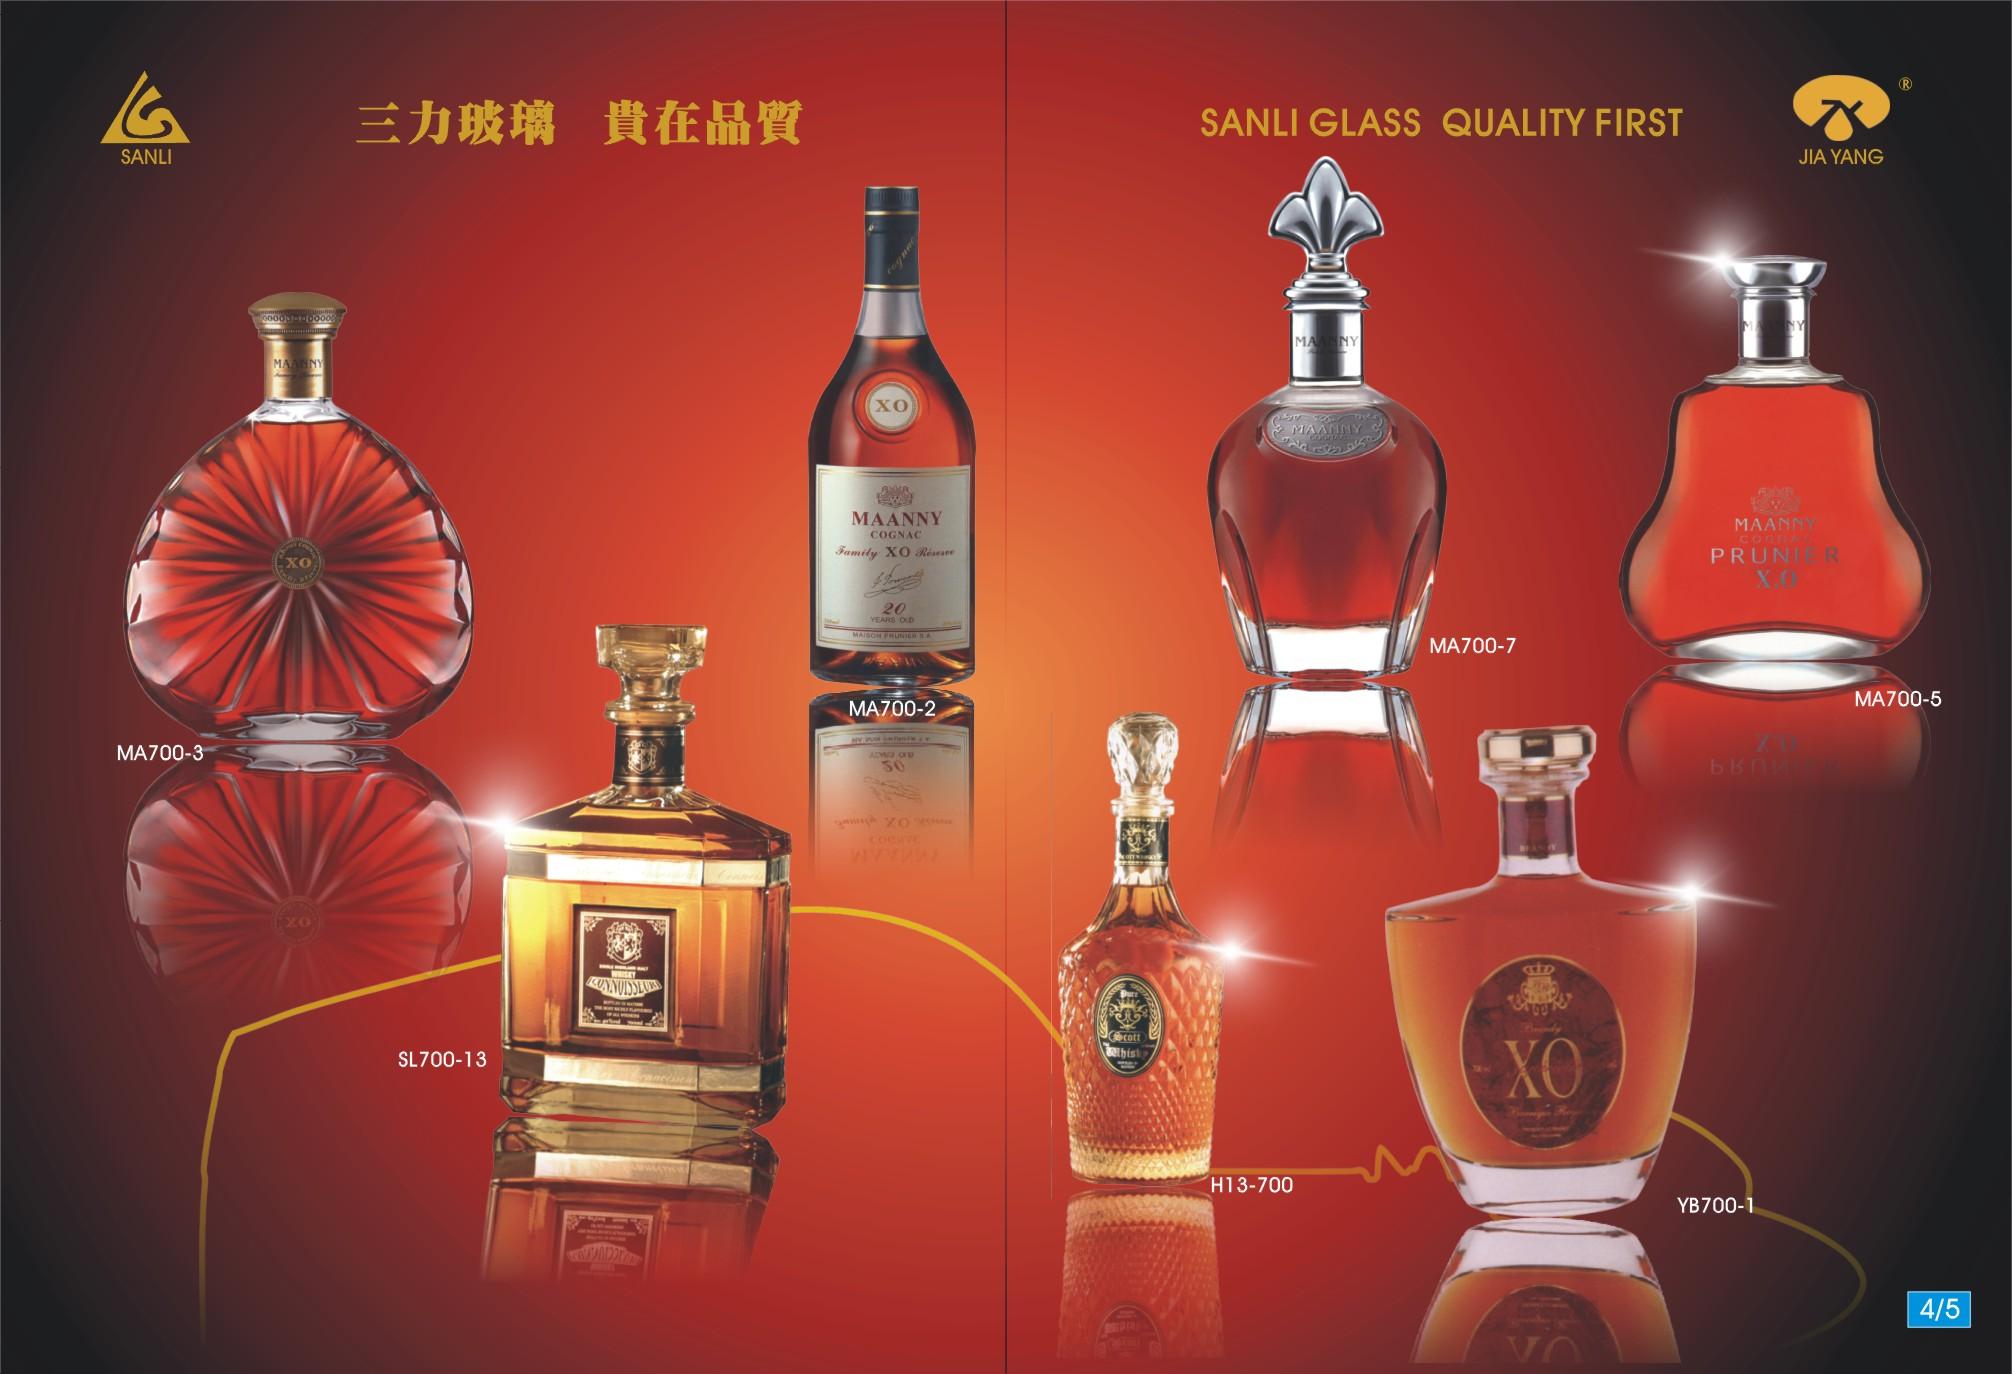 重庆北碚三力玻璃制品有限公司53555金冠娱乐形象图片